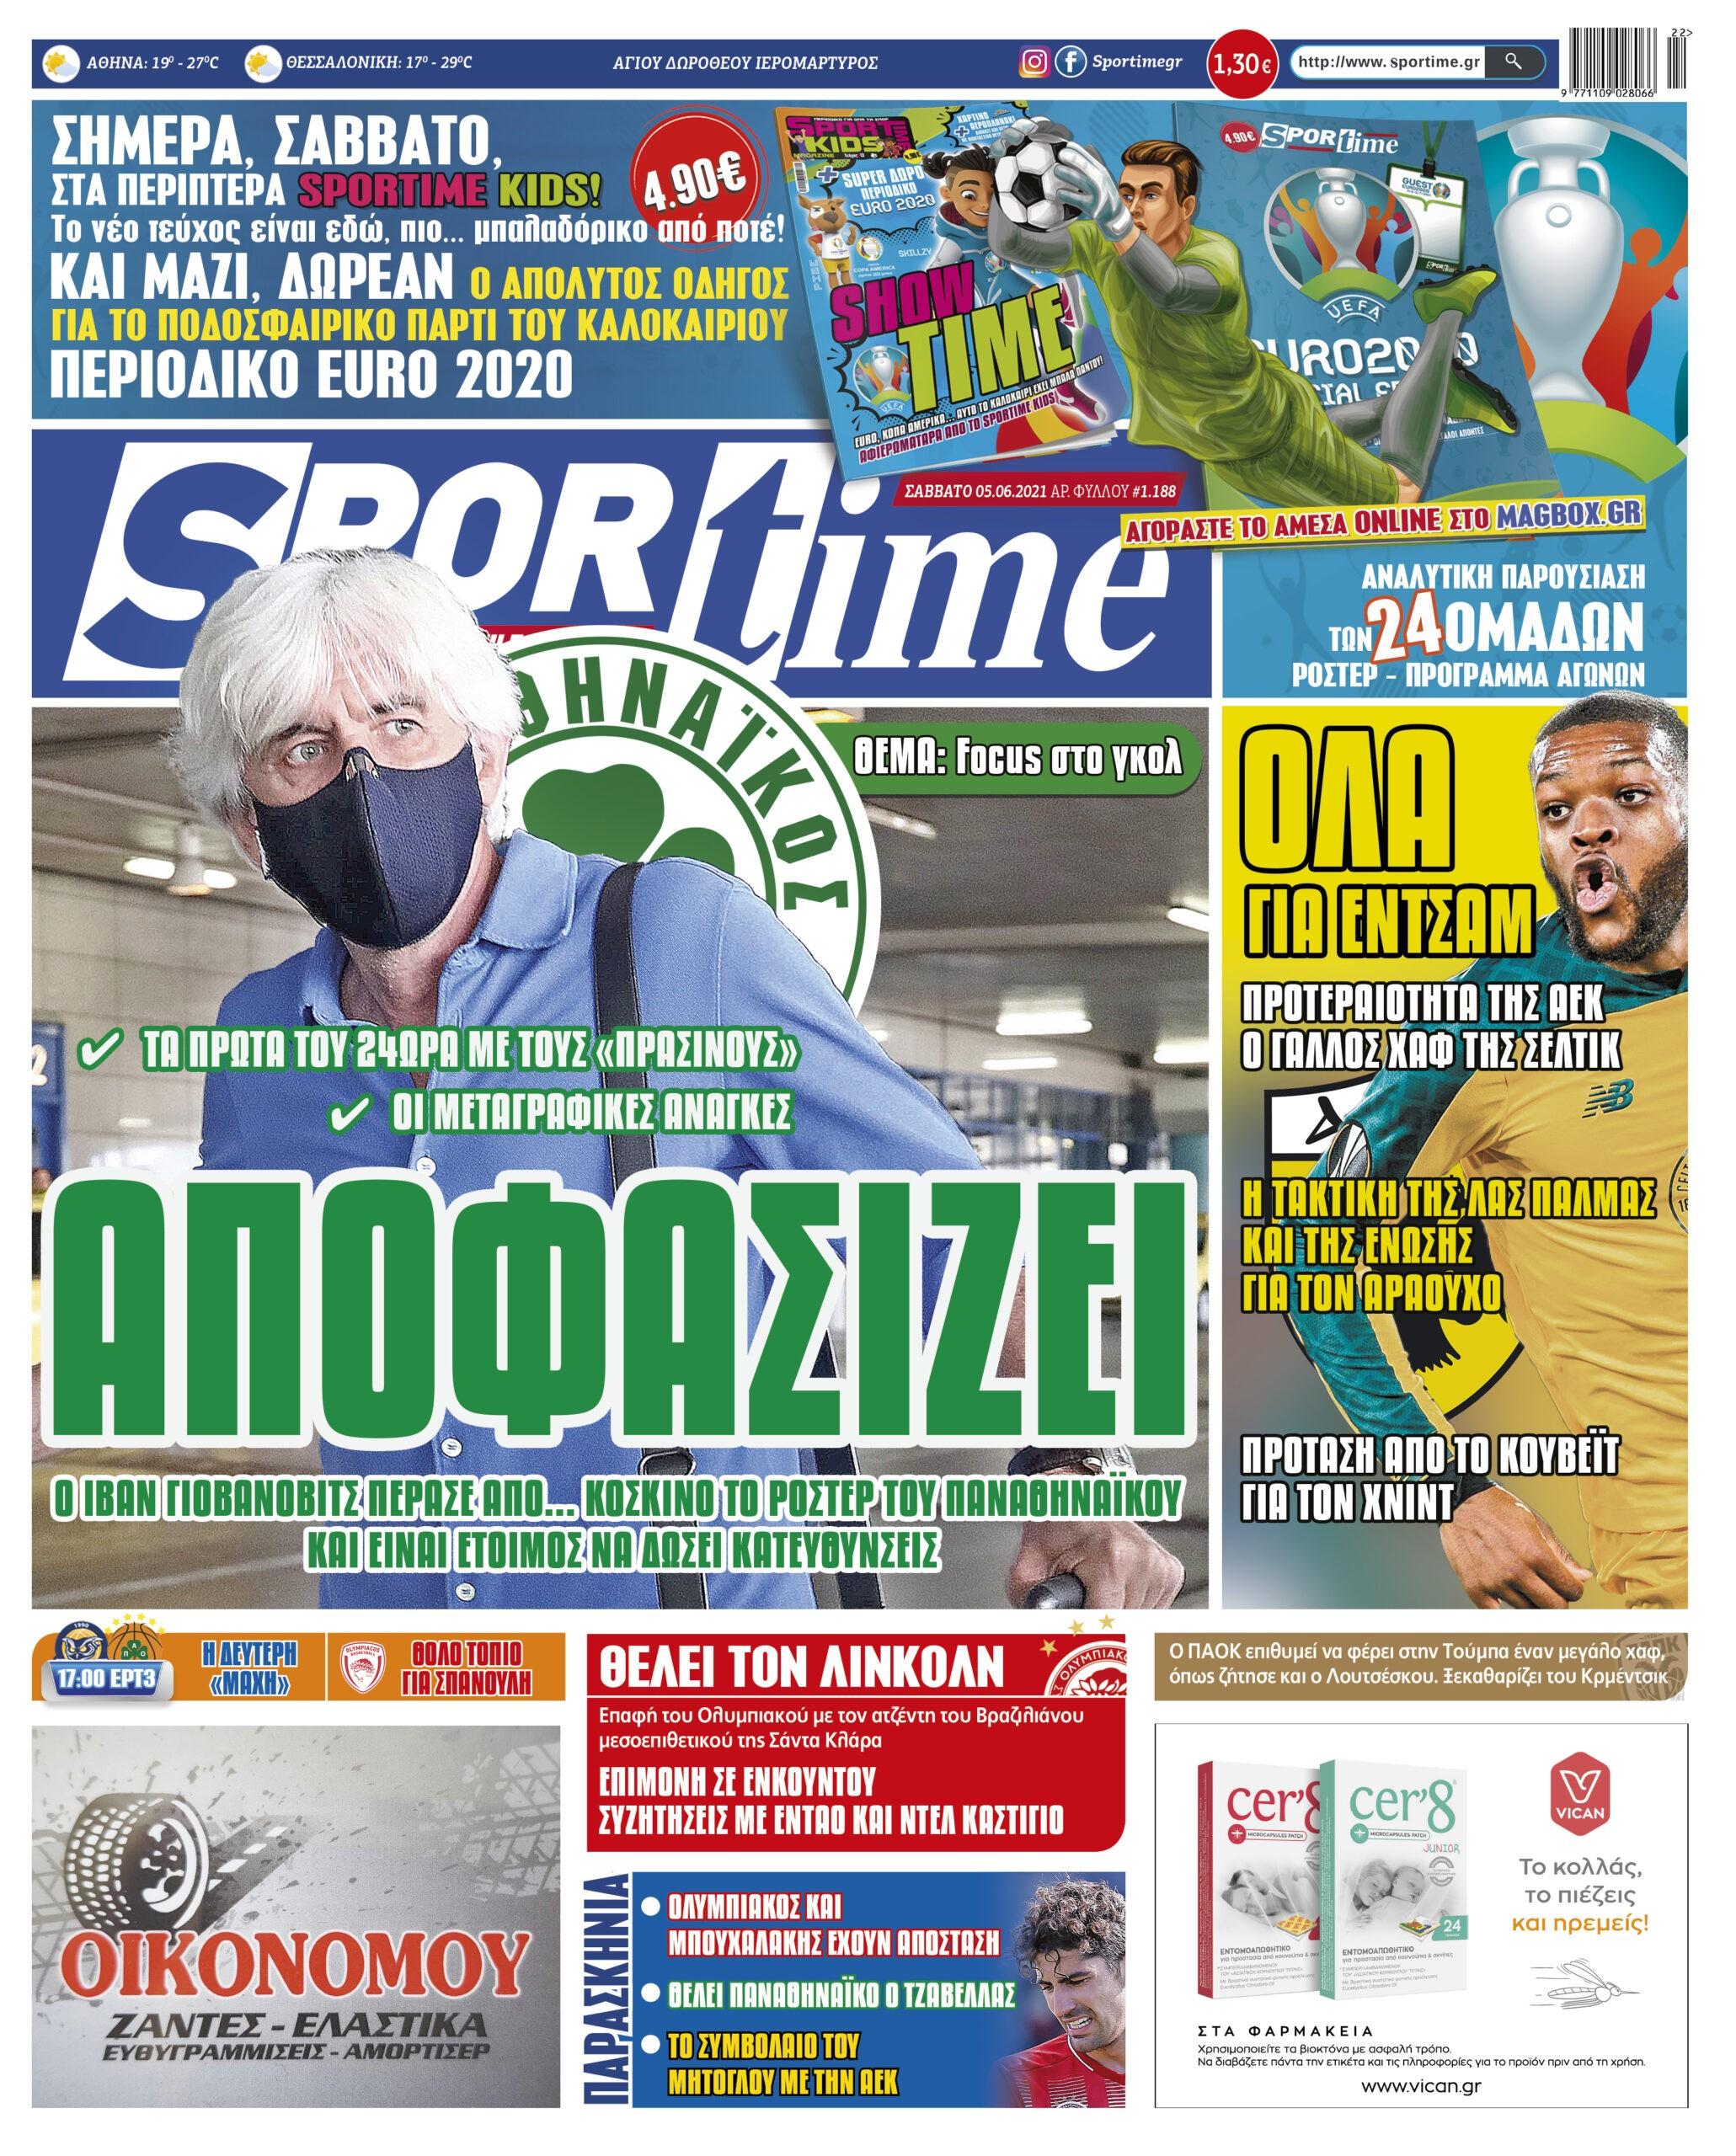 Εφημερίδα SPORTIME - Εξώφυλλο φύλλου 5/6/2021